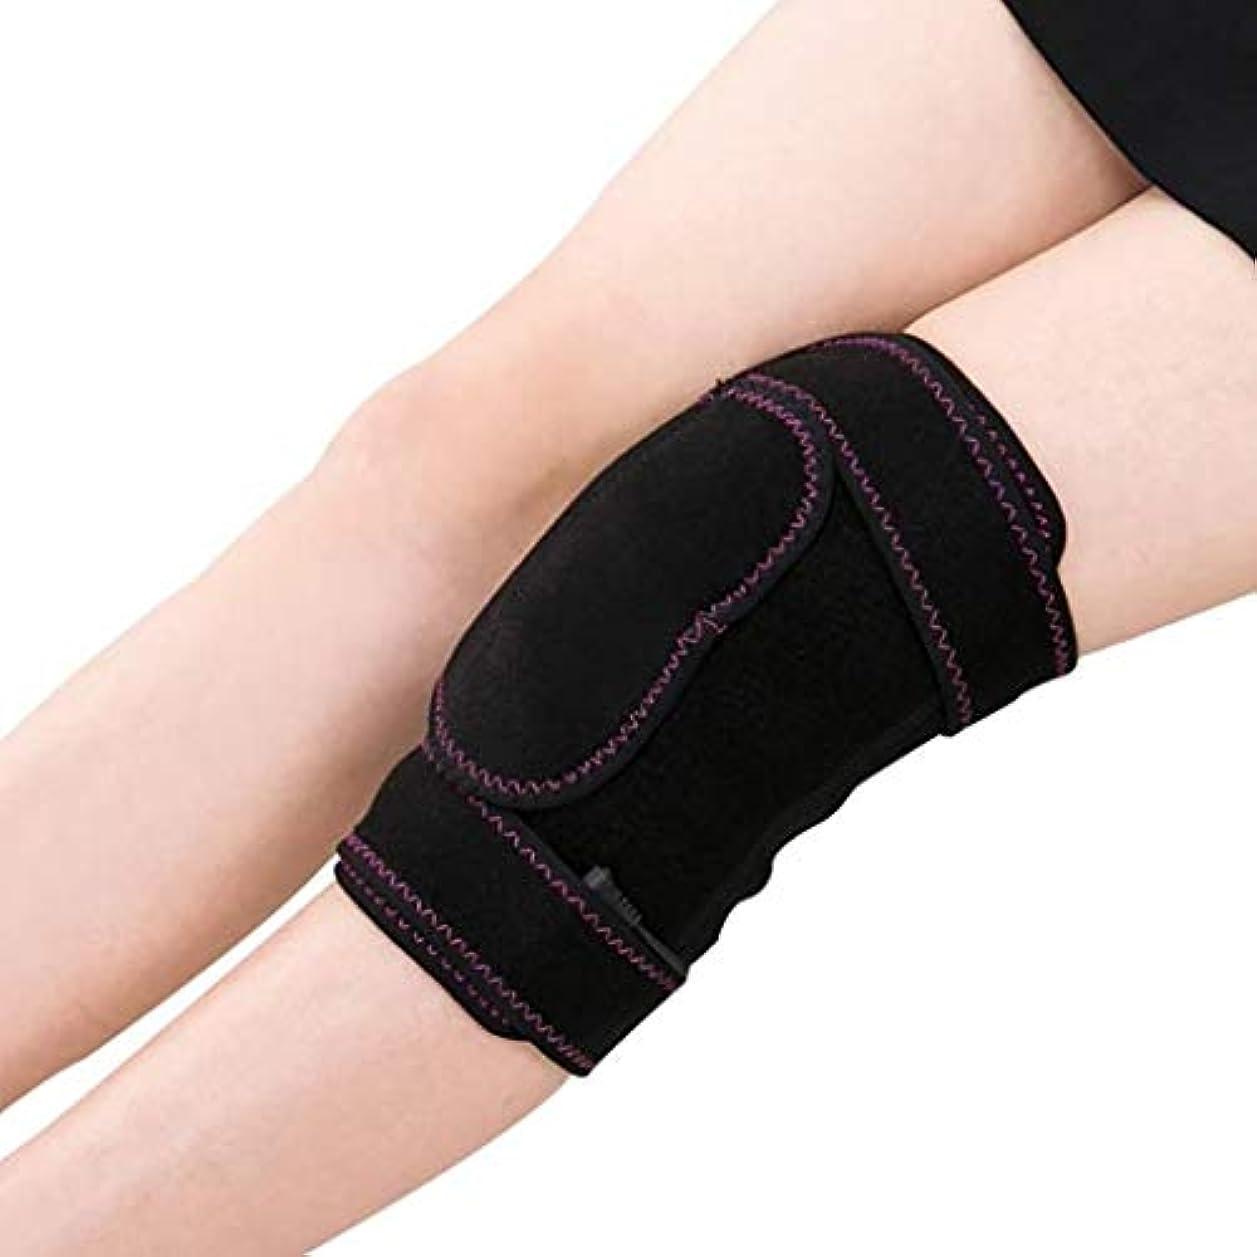 最悪期間倒錯レッグマッサージャー、電気加熱式膝パッド、ホットコンプレッションセラピーツール、脚の筋肉の弛緩に適し、血液循環の促進、温度調節可能